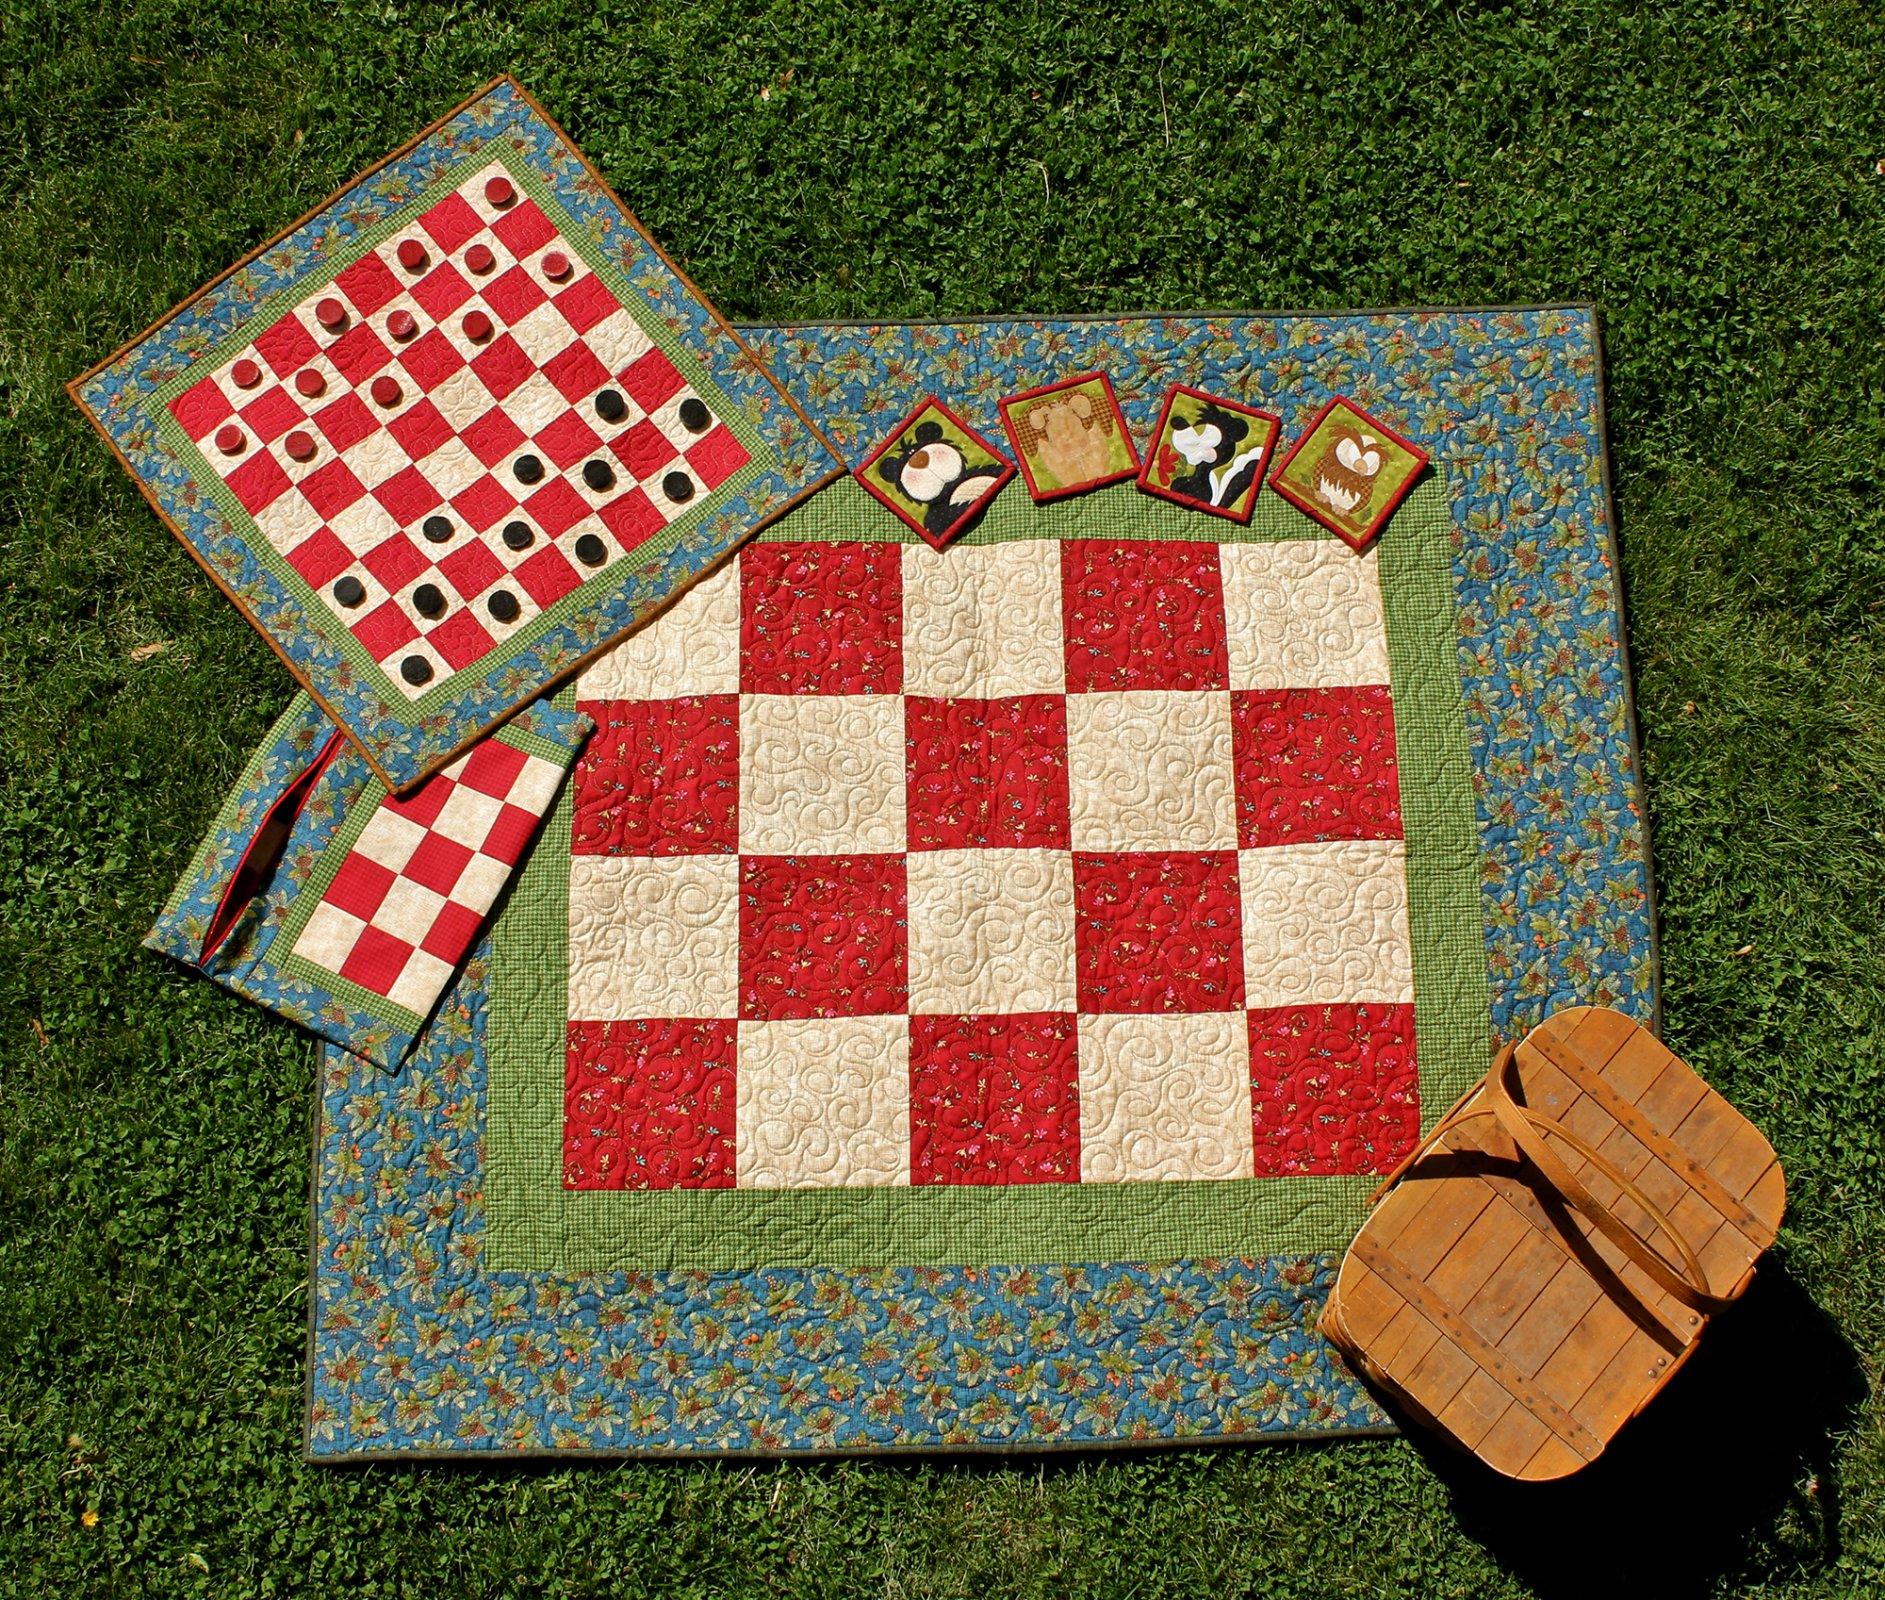 Checker's Anyone?